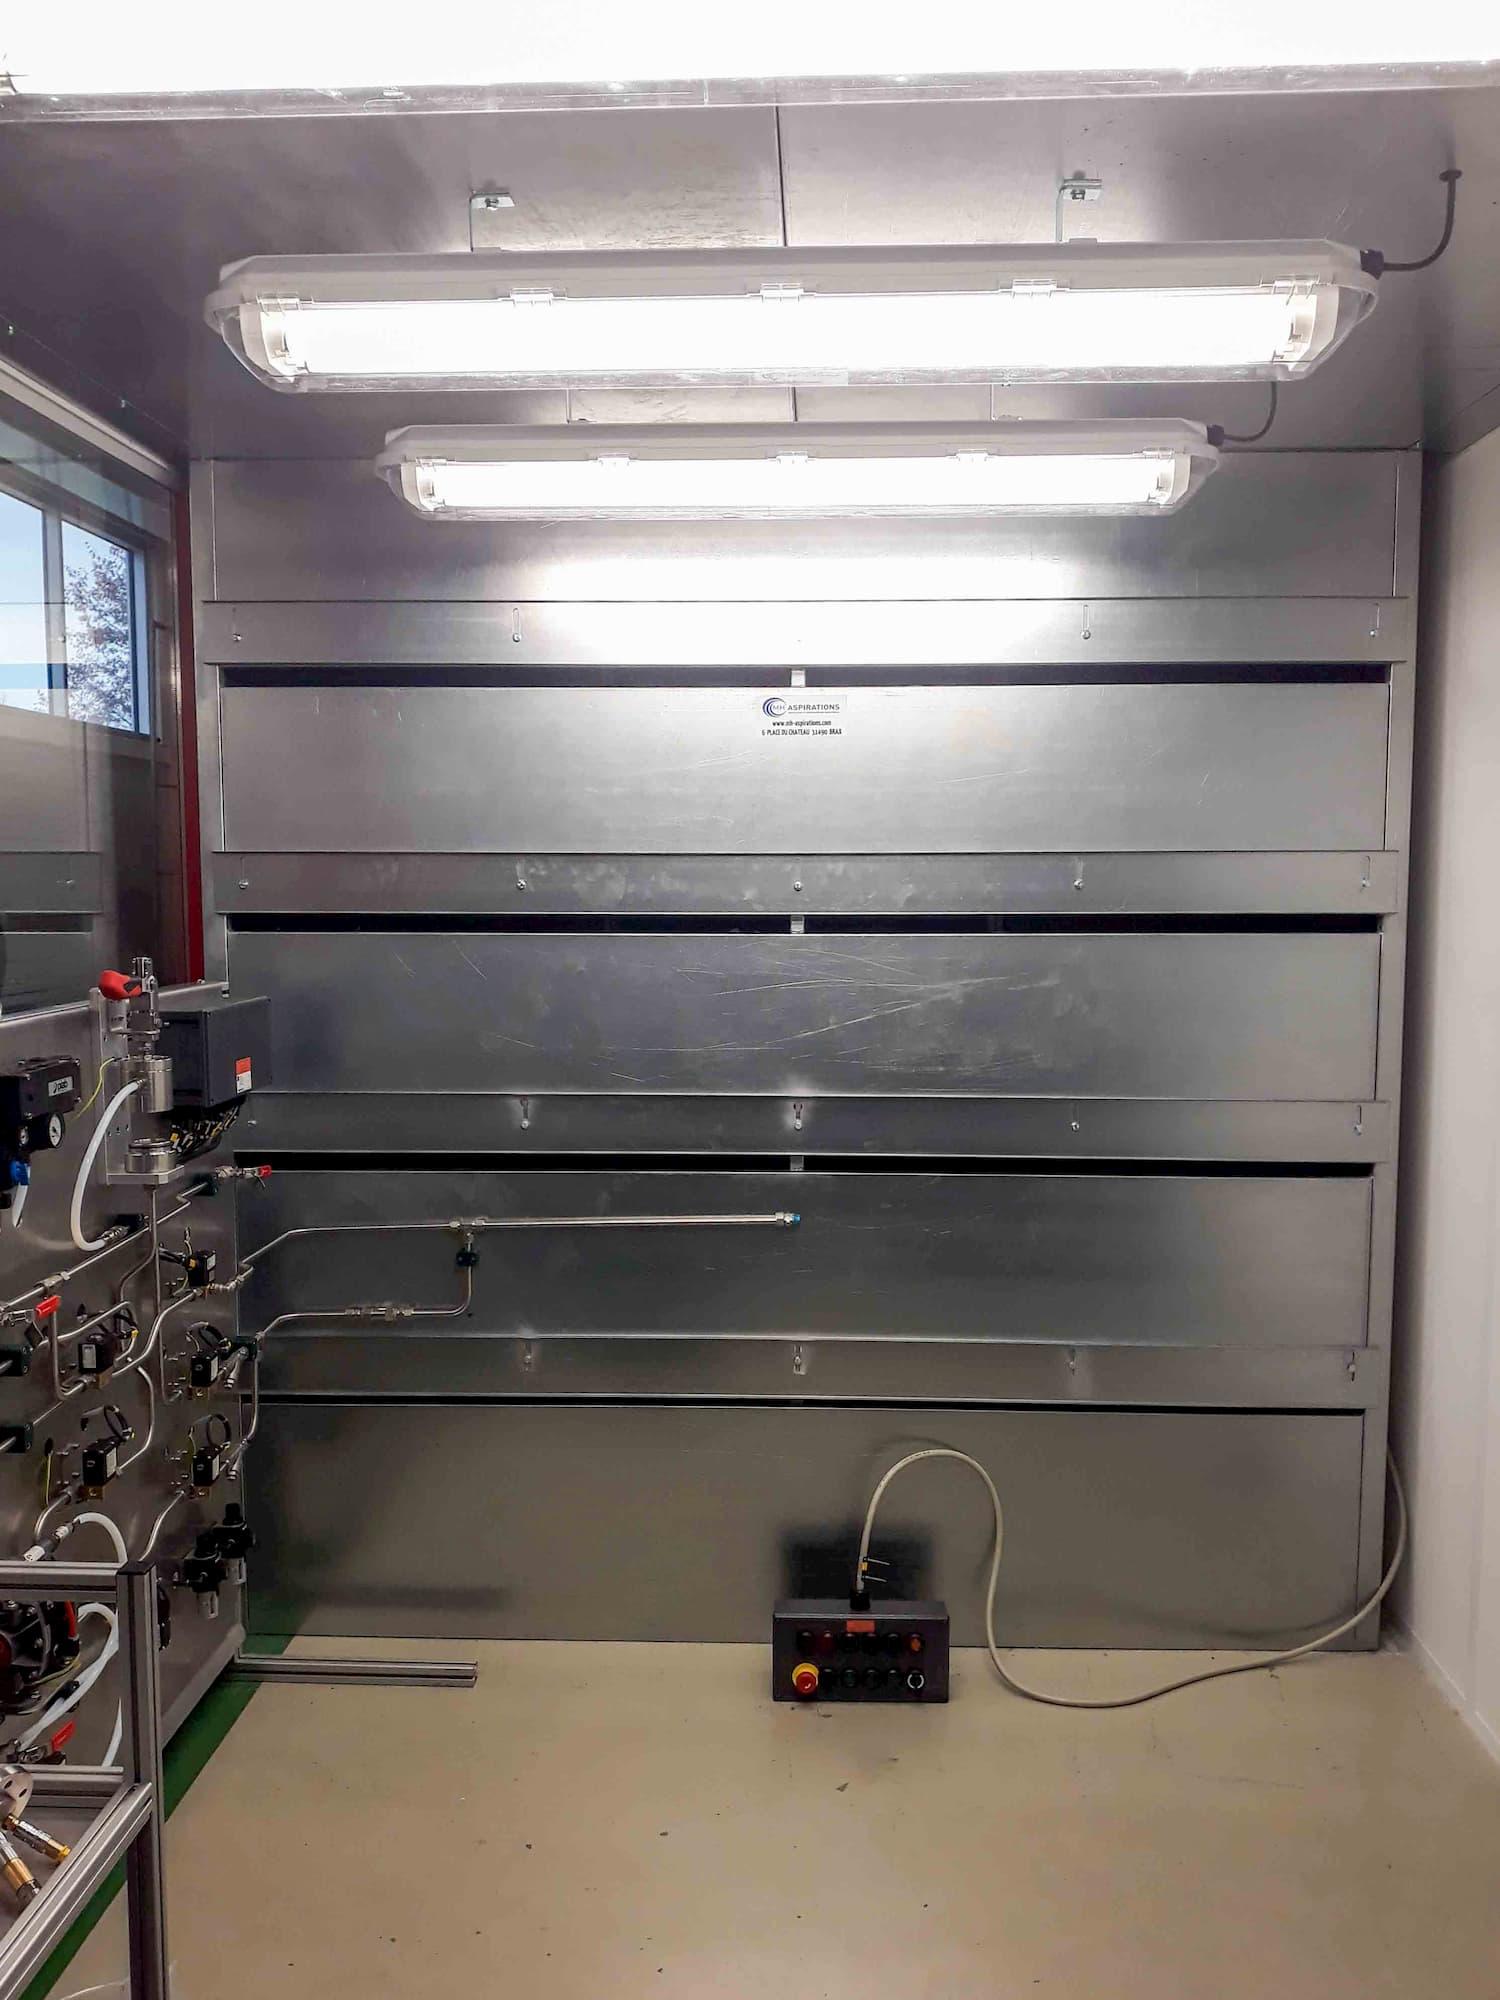 Cabine d'aspiration en acier galvanisé en fentes réglables pour aspiration de vapeur d'éthanol. Eclairage avec néon.